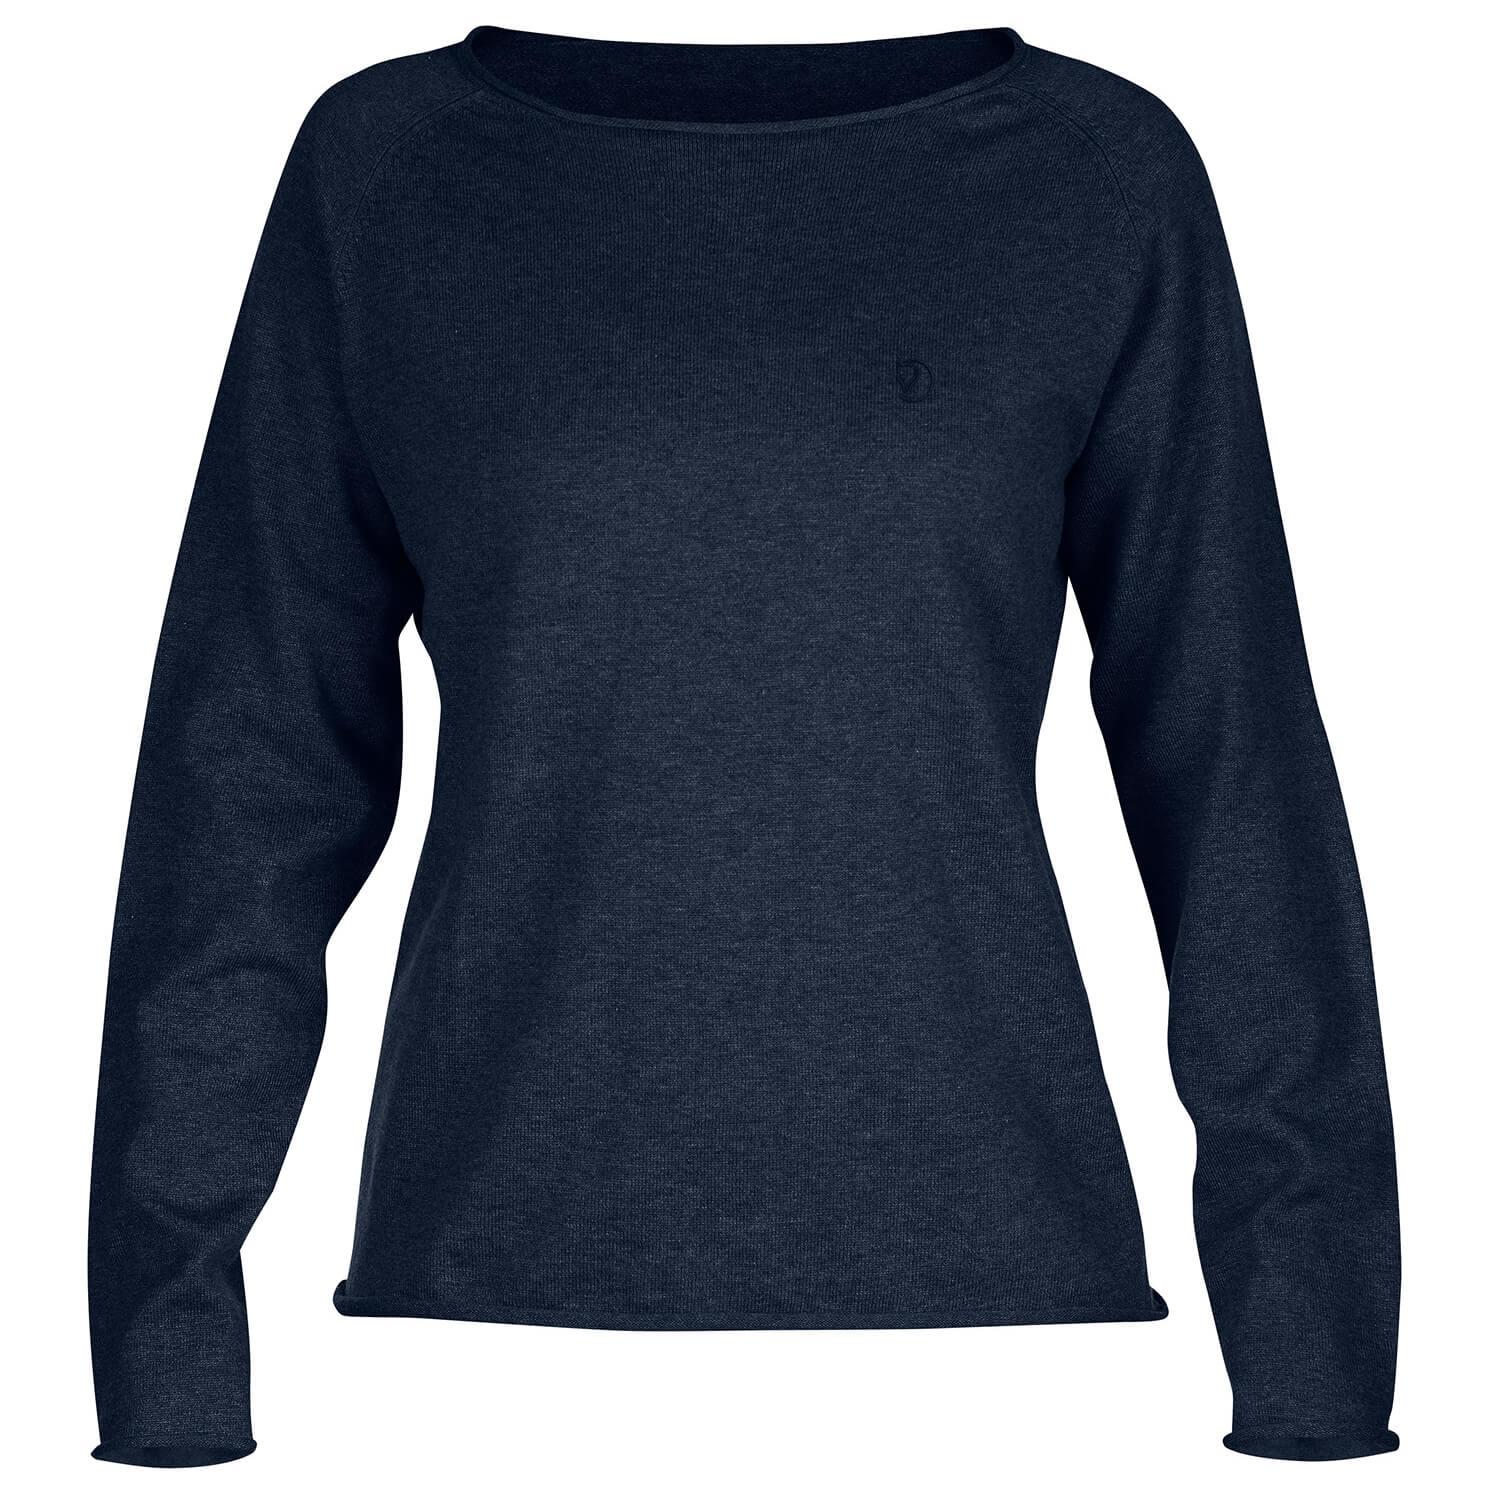 39be560798d6 Fjällräven - Women's Övik Sweater - Jumper - Dark Navy | XS